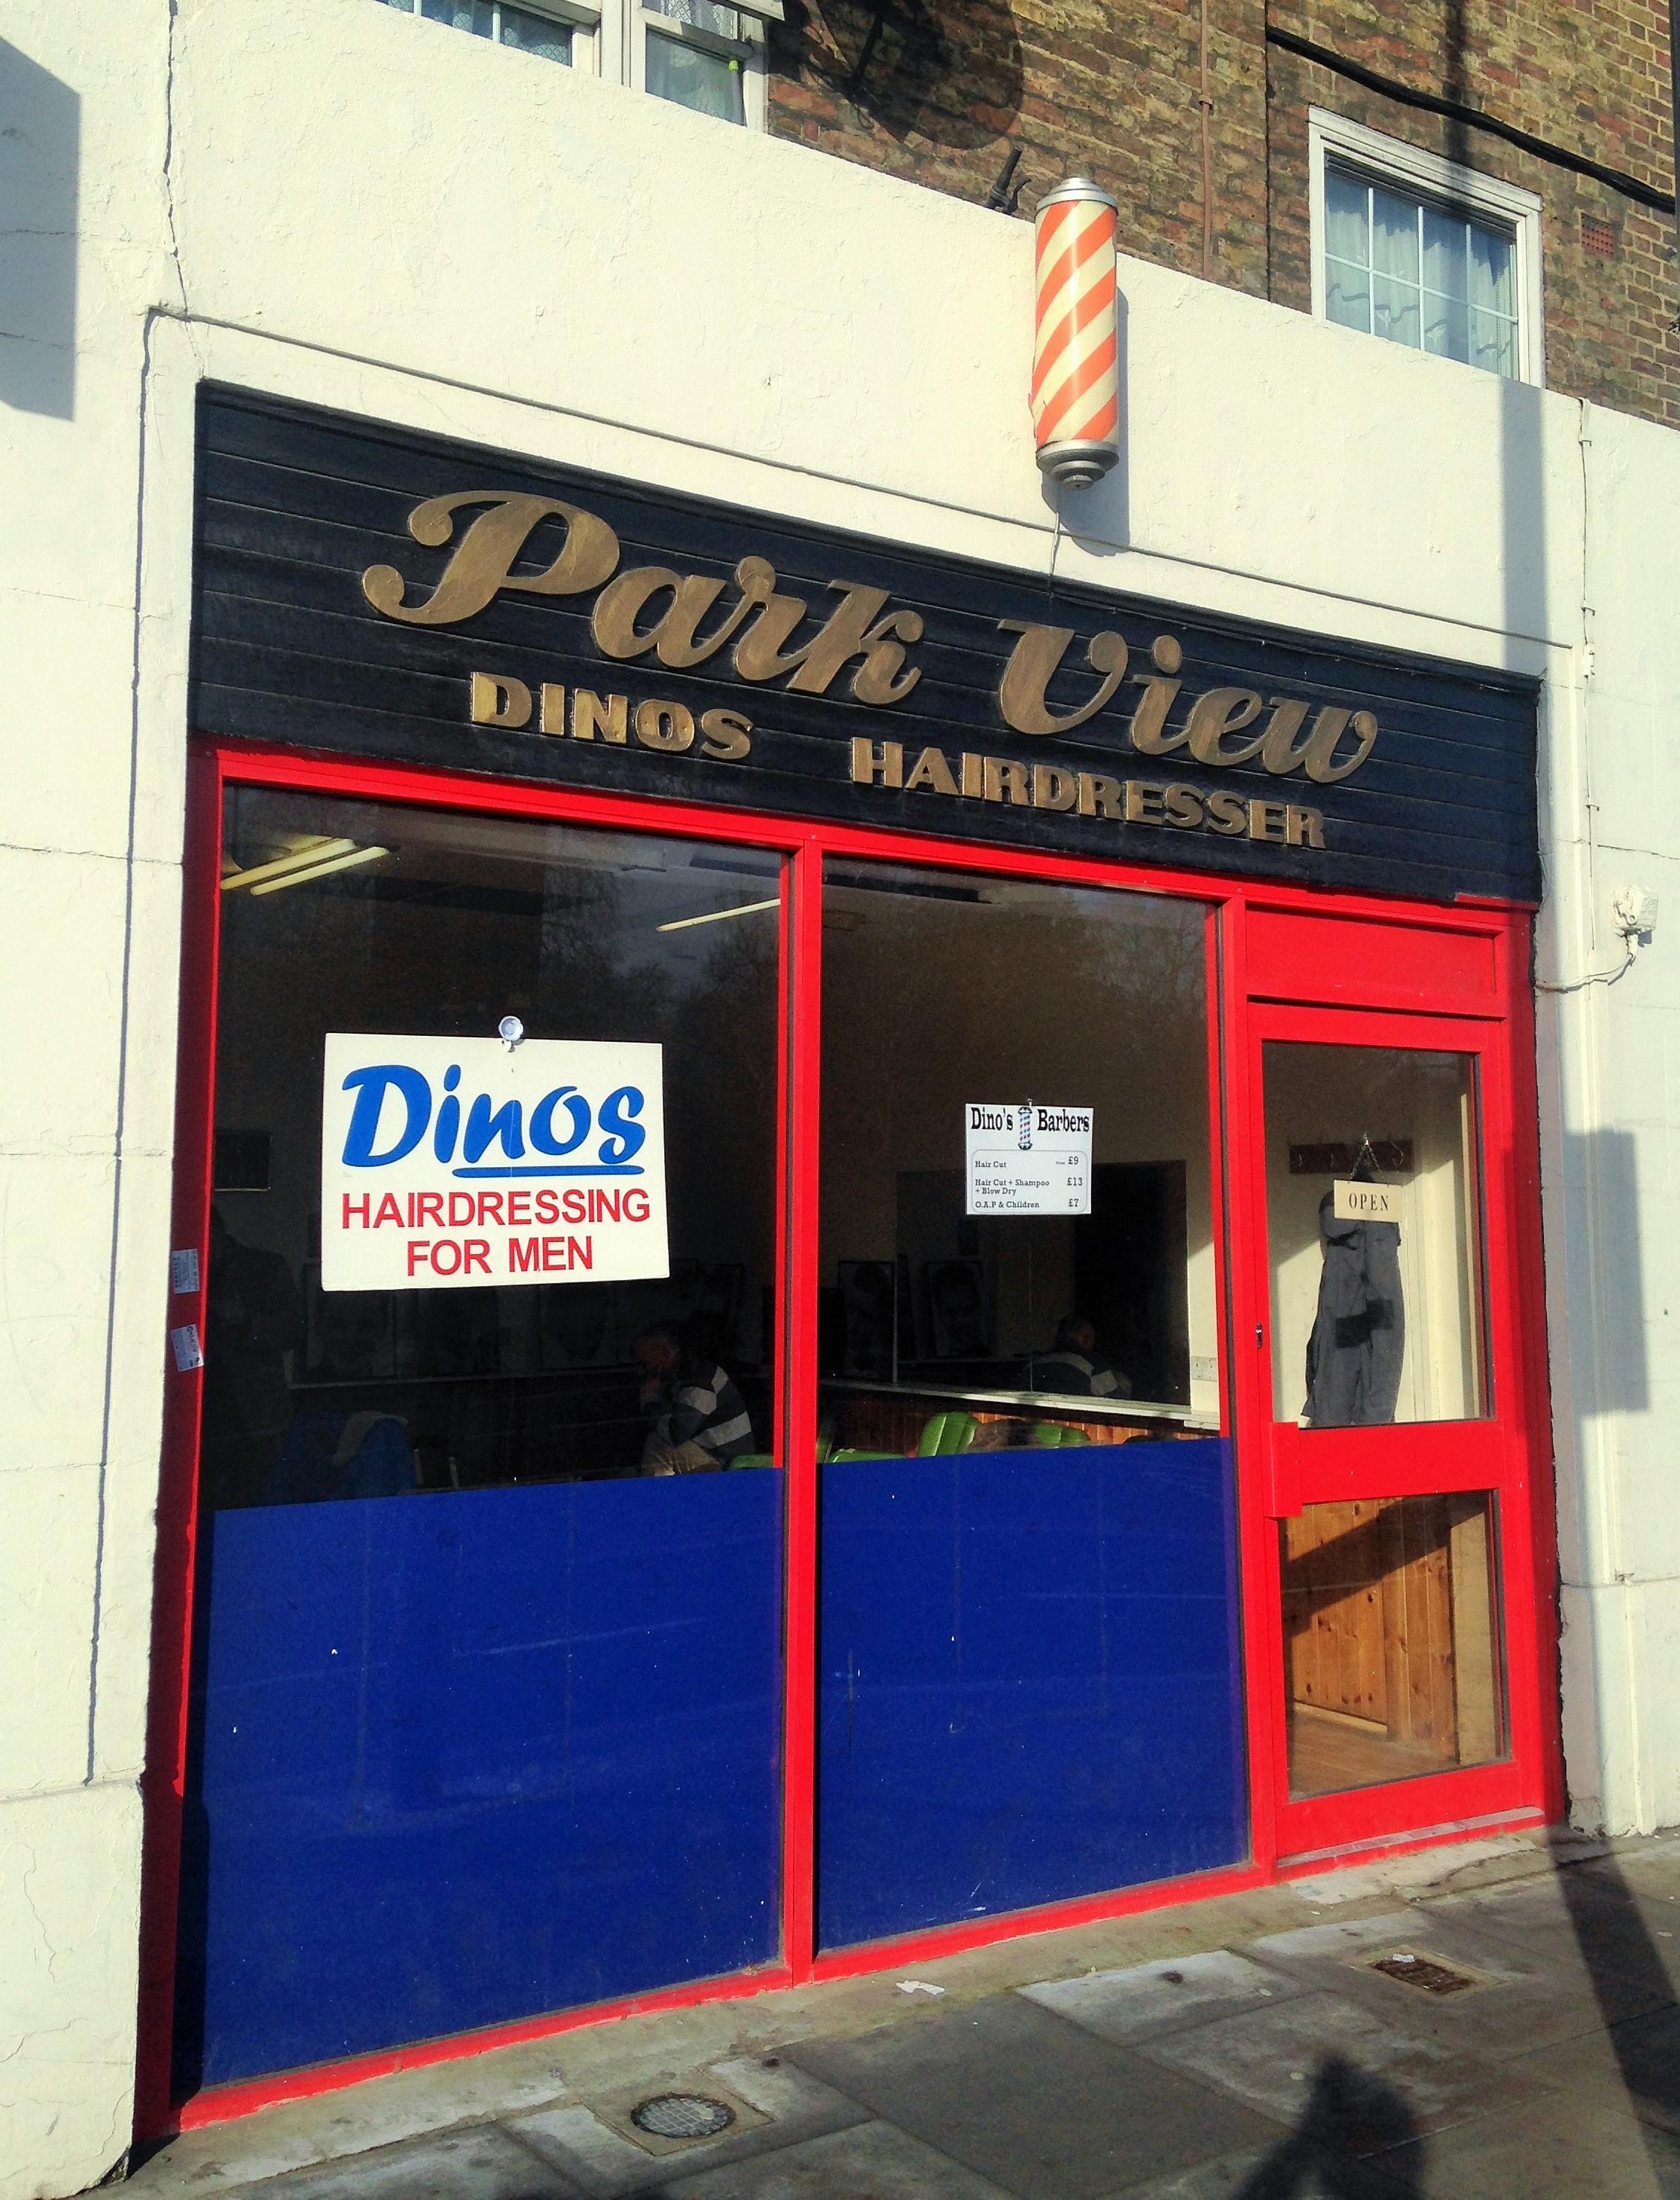 Dino's hairdresser Park view - kenningtonrunoff.com